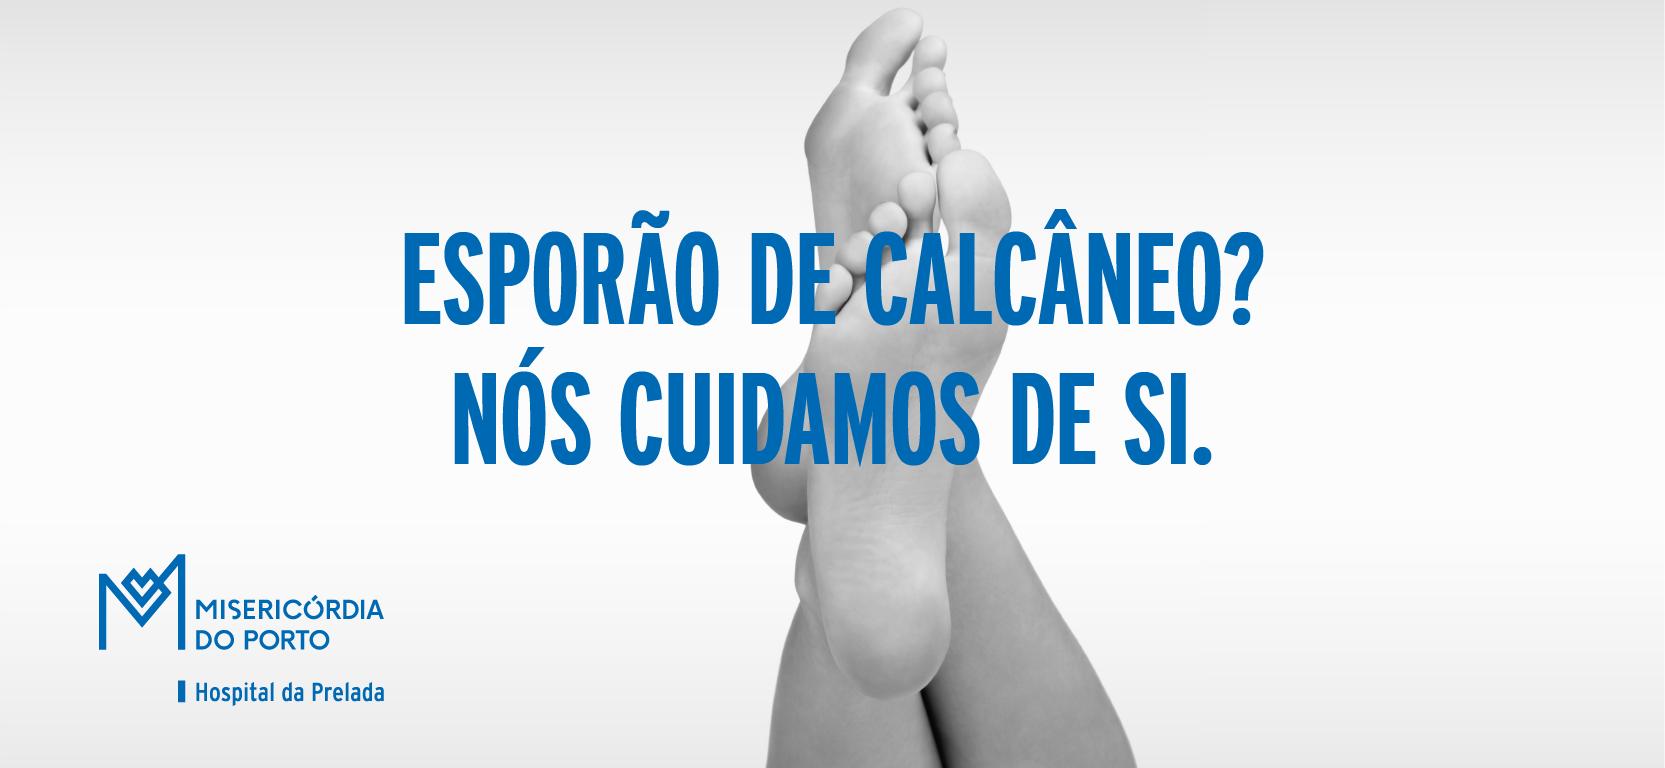 https://portaldasaude.scmp.pt/assets/misc/img/especialidades/Podologia/Esporao%20Calcaneo/HP%20Esporao%20Calcaneo_banner%20site.png